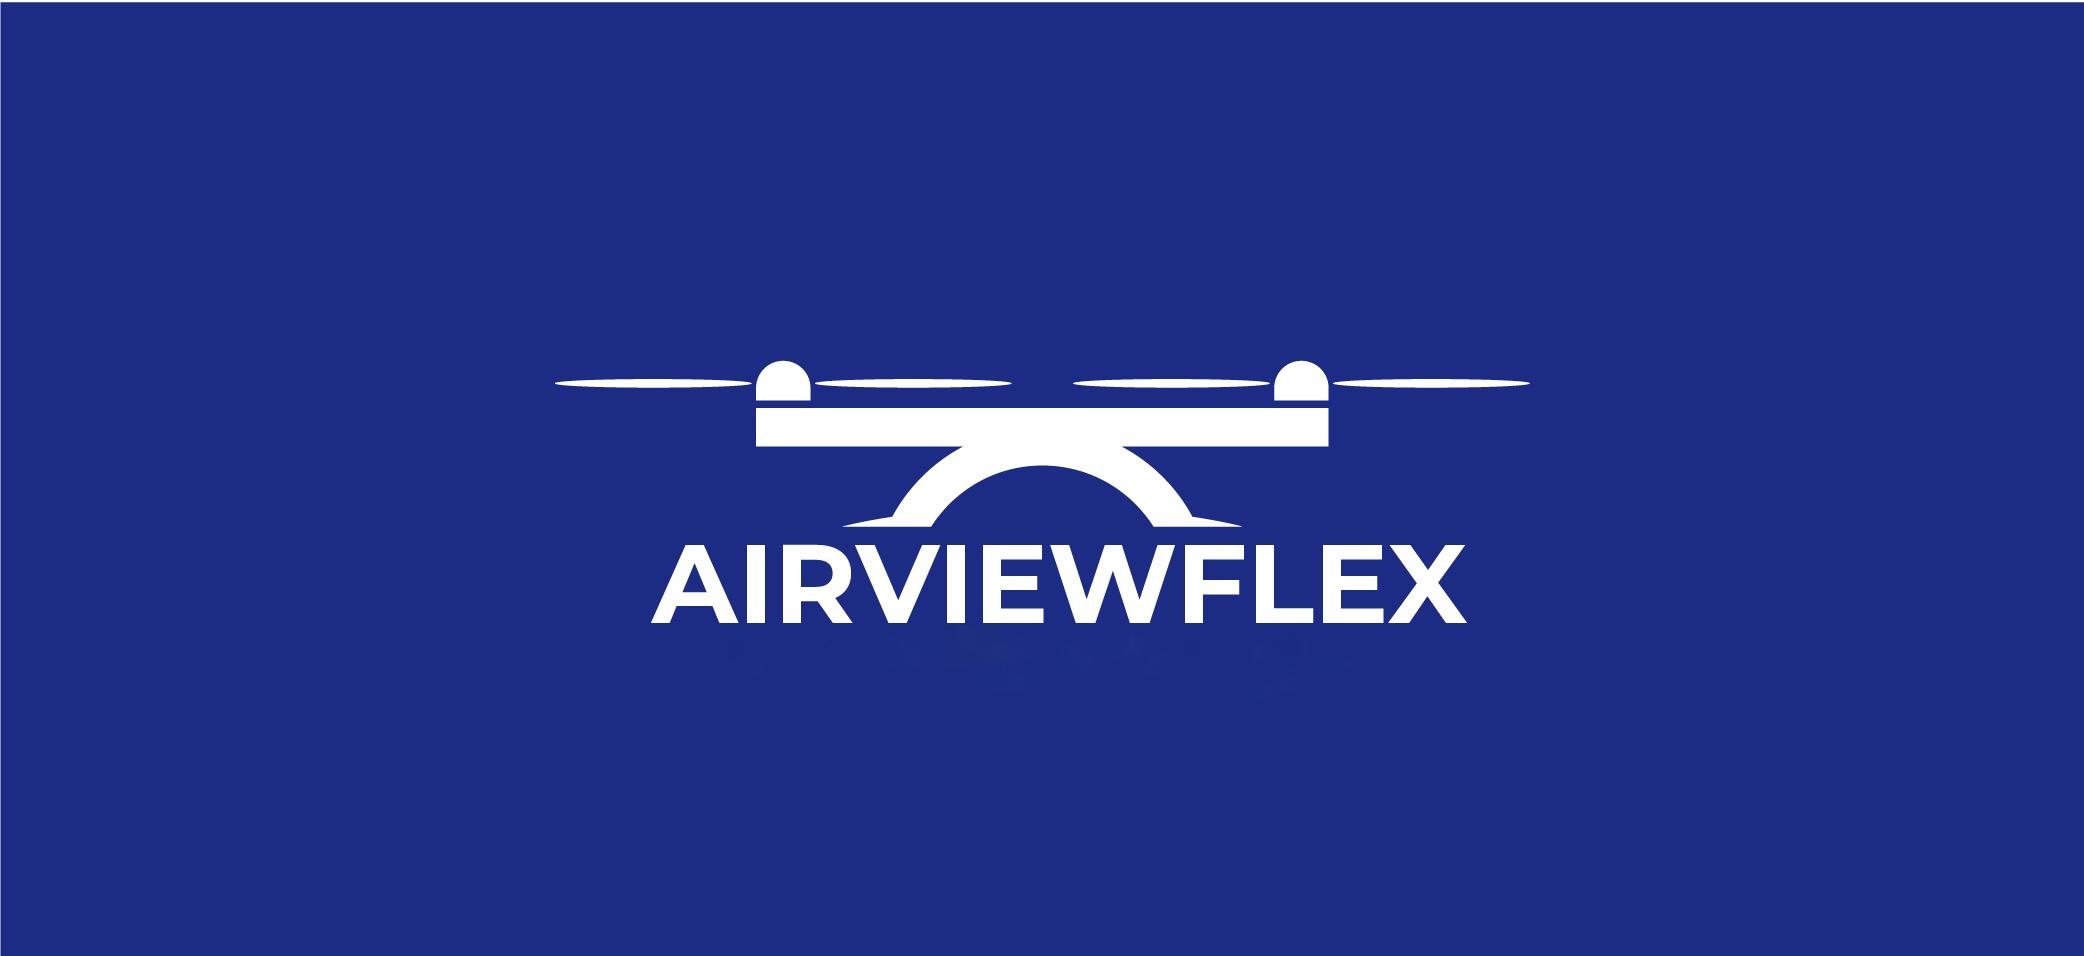 AirViewFlex LLC